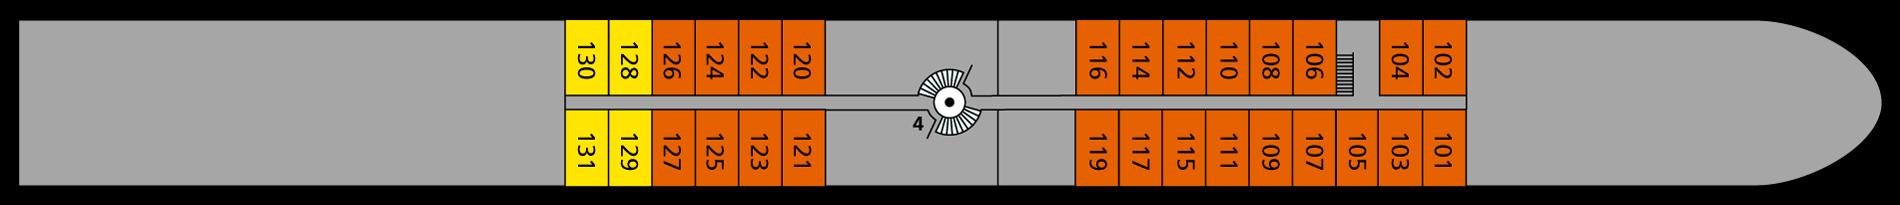 A-ROSA AQUA Deck 1